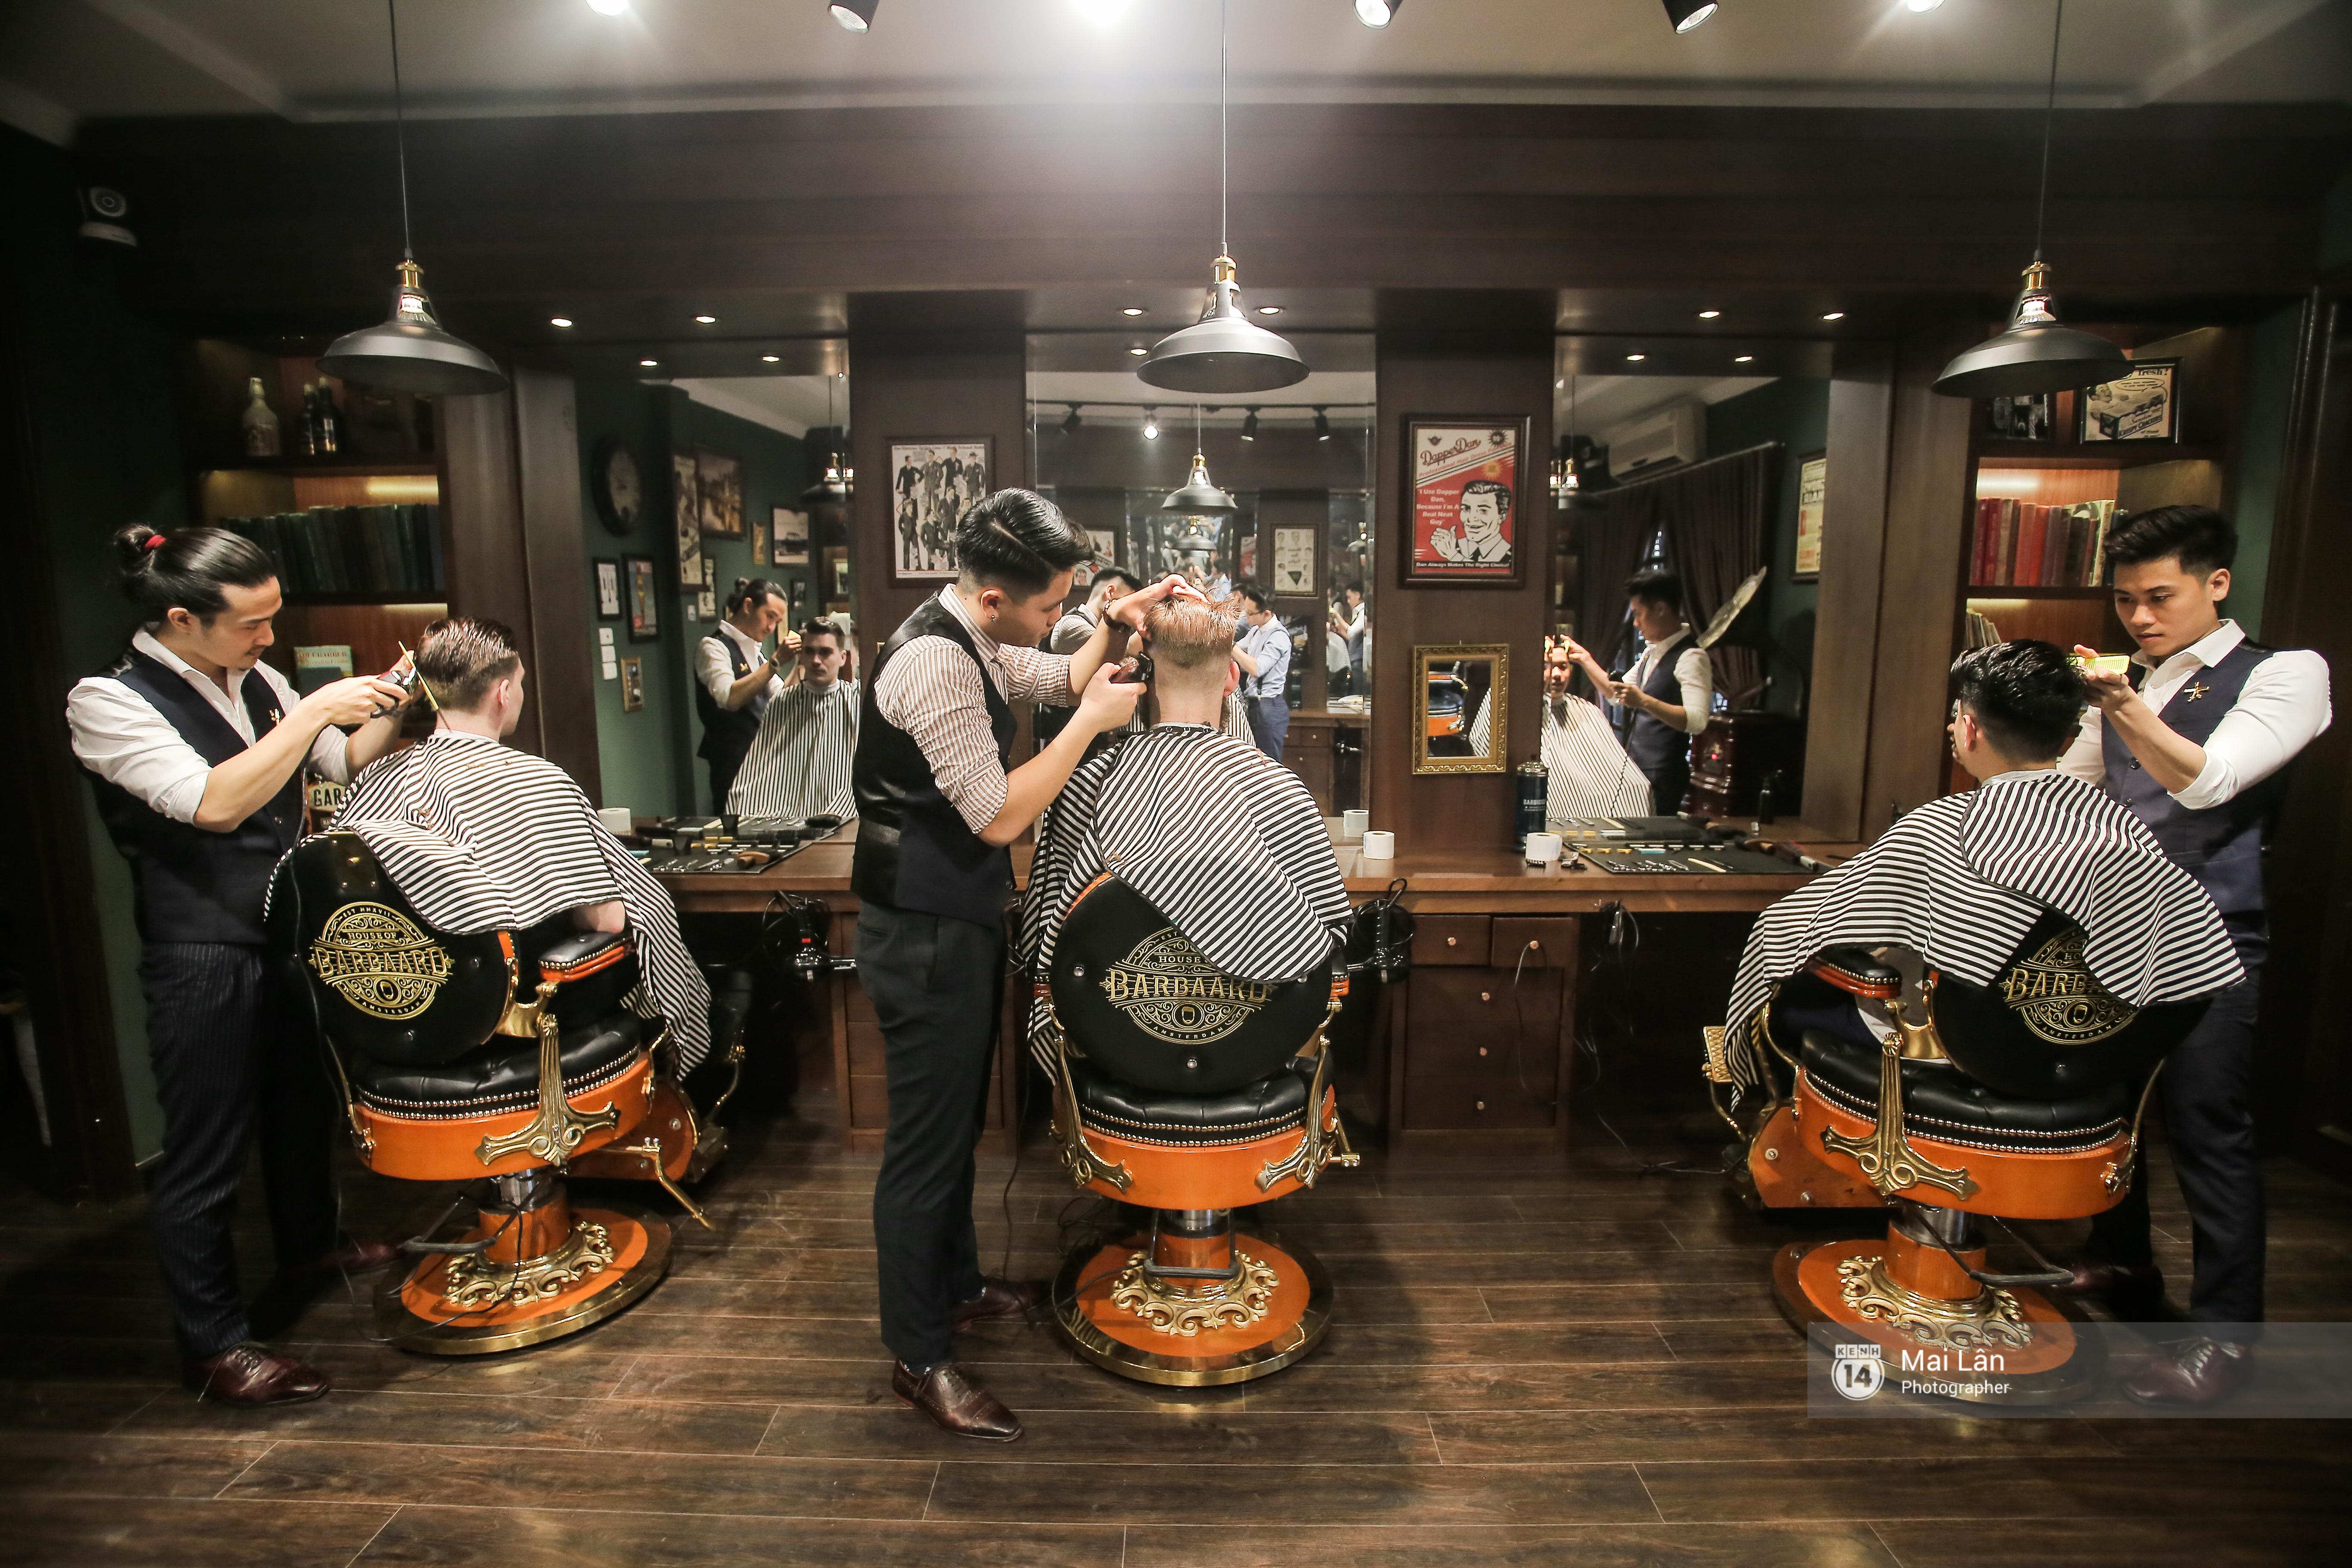 Có gì trong tiệm cắt tóc toàn quý ông lịch lãm ở Hà Nội, nơi con gái không được đặt chân vào?